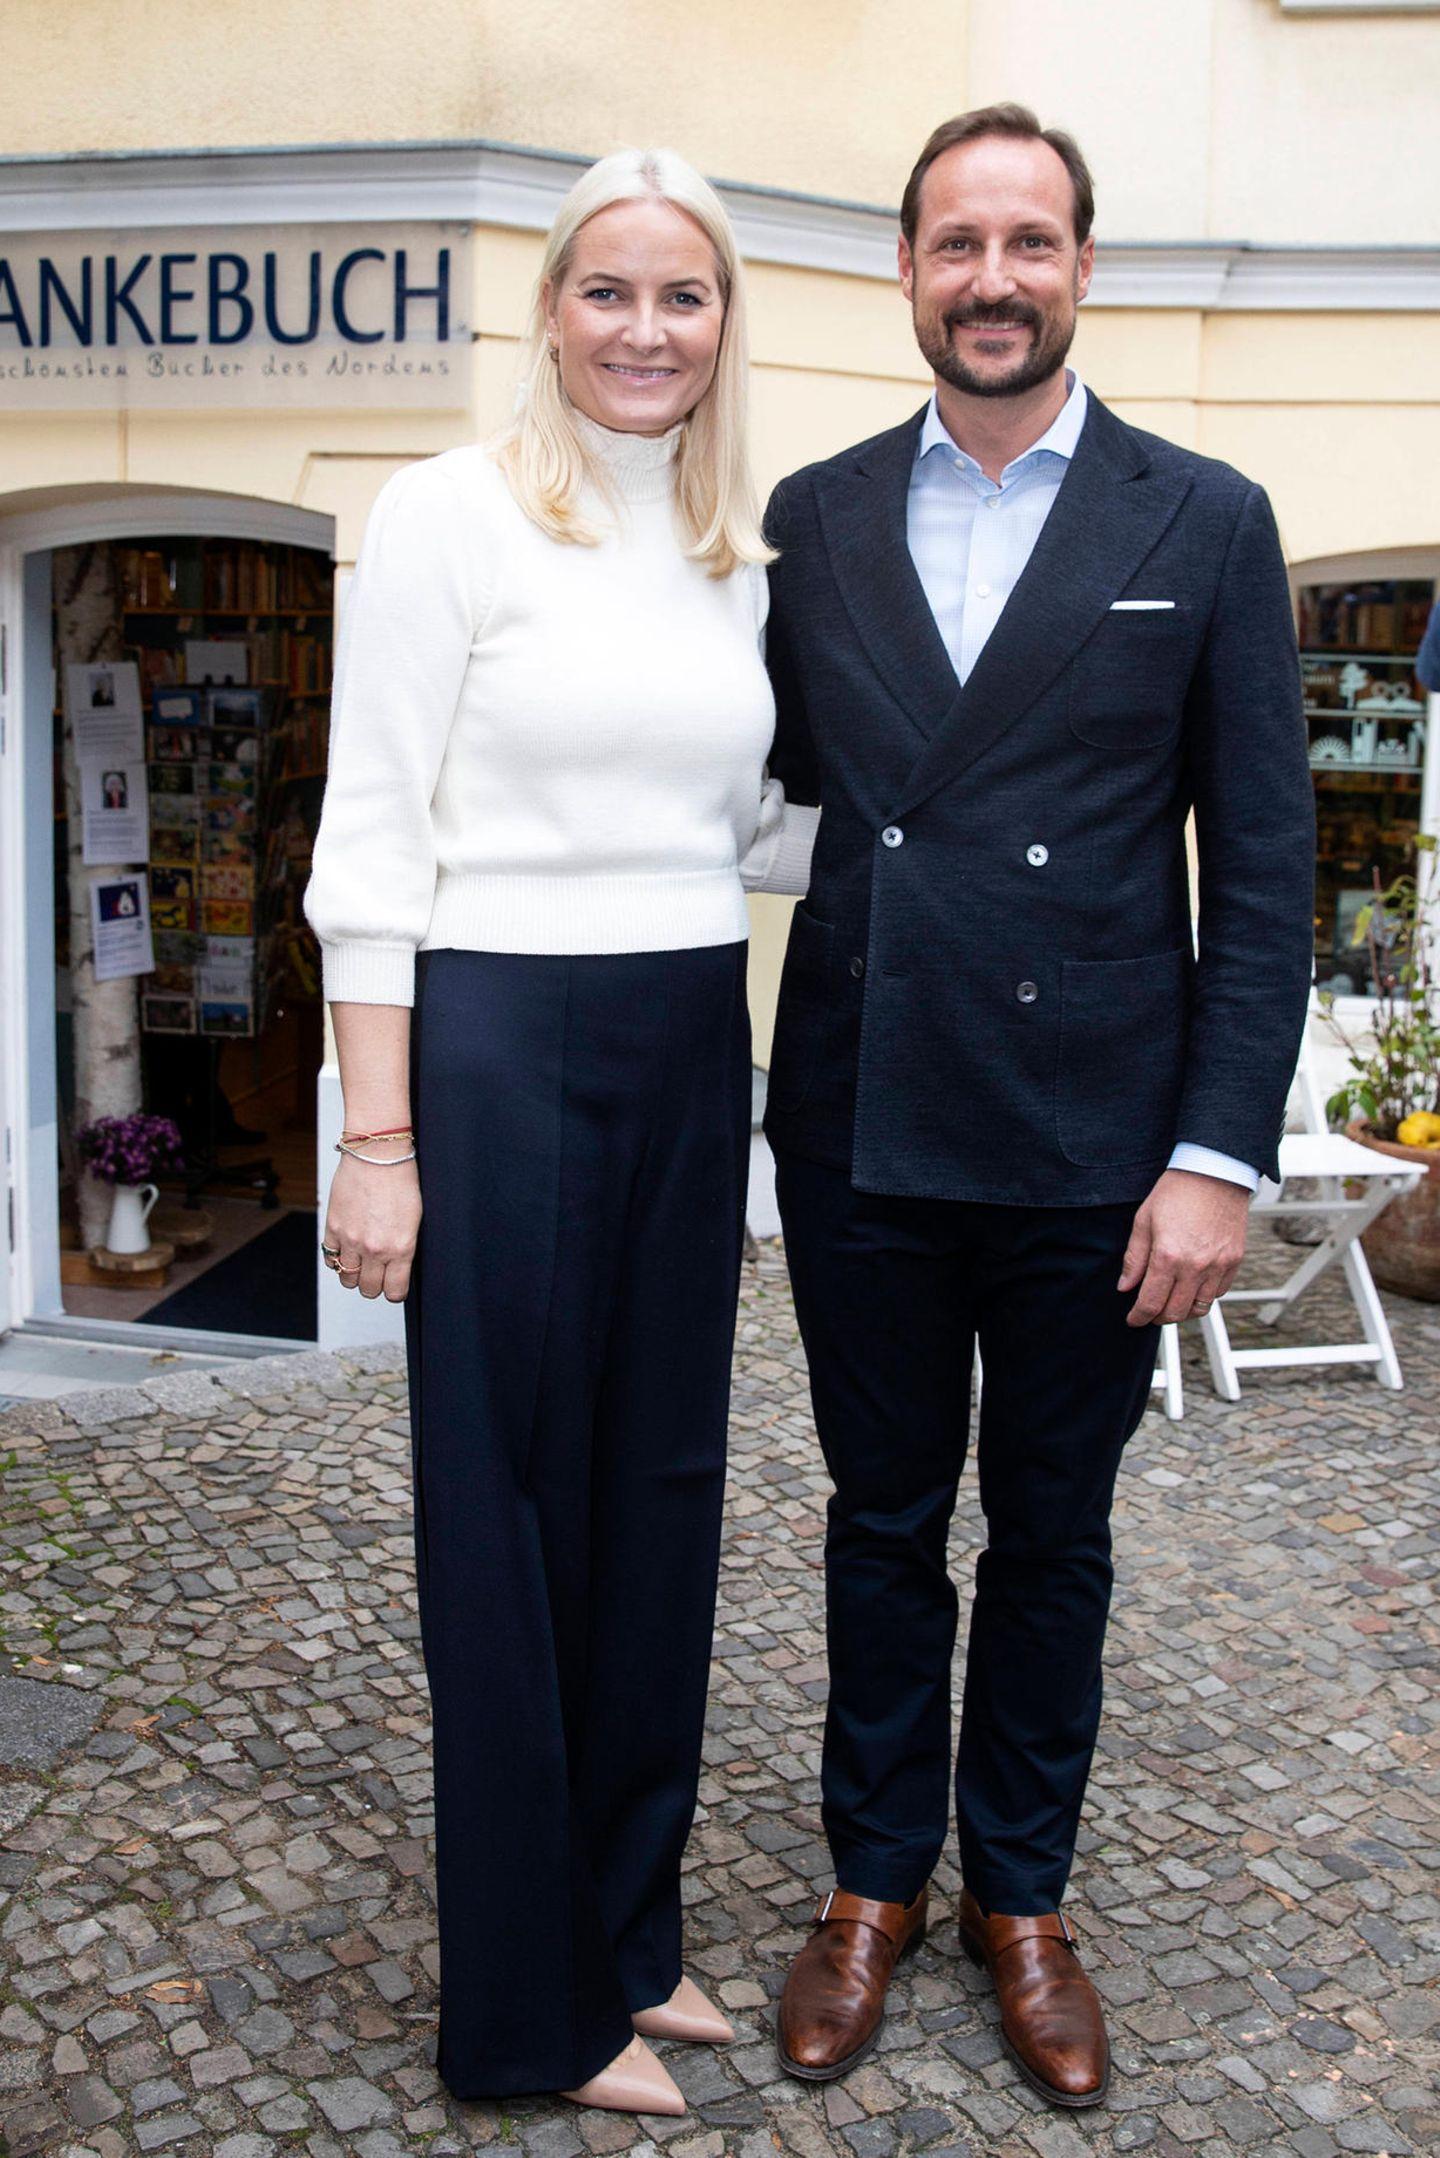 Zusammen mit ihrem Mann, Prinz Haakon, besucht Prinzessin Mette-Marit eine kleine Buchhandlung im Berliner Stadtteil Pankow und entscheidet sich zu diesem Anlass für ein sportlich-elegantes Outfit. Zu einer dunkelblauen Marlene-Hose trägt sie einen kuschligen, elfenbeinfarbenen Rollkragen-Pullover aus Merinowolle des Labels Co für rund 120 Euro und nudefarbene Pumps. Doch nur kurze Zeit später, scheint sich die Prinzessin umgezogen zu haben und sie zeigt sich in einem veränderten Look ...